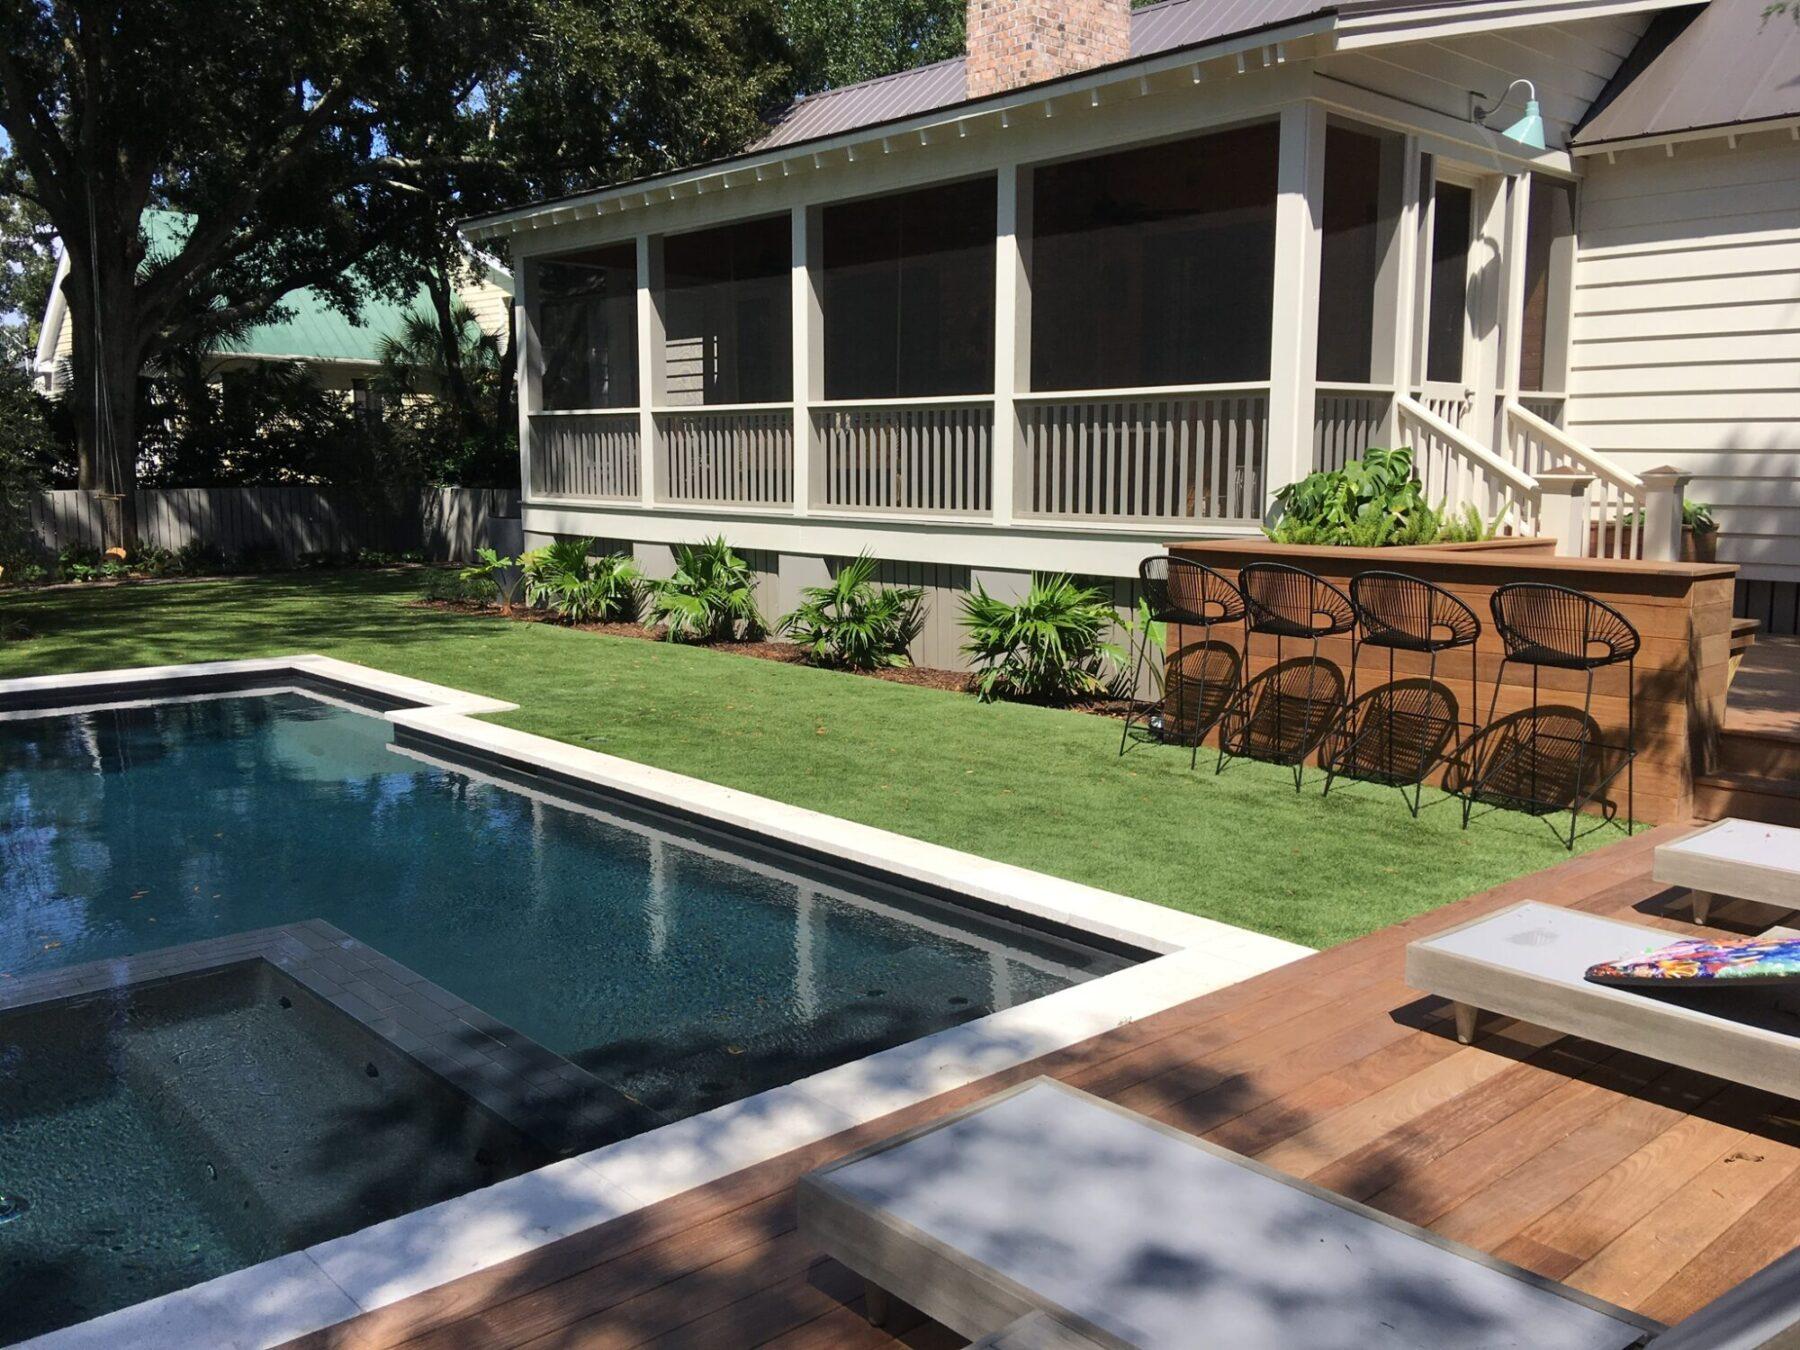 Residential backyard using artificial grass